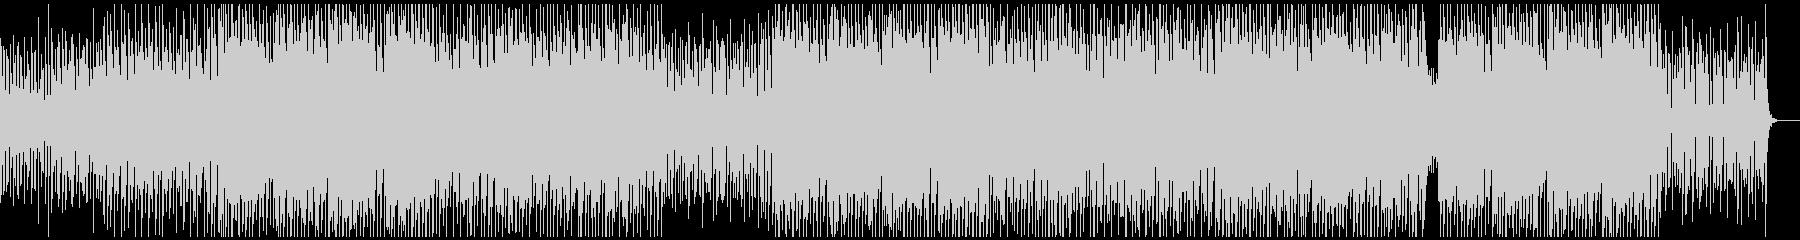 ノリノリ・ファンキー・ダンサブルの未再生の波形